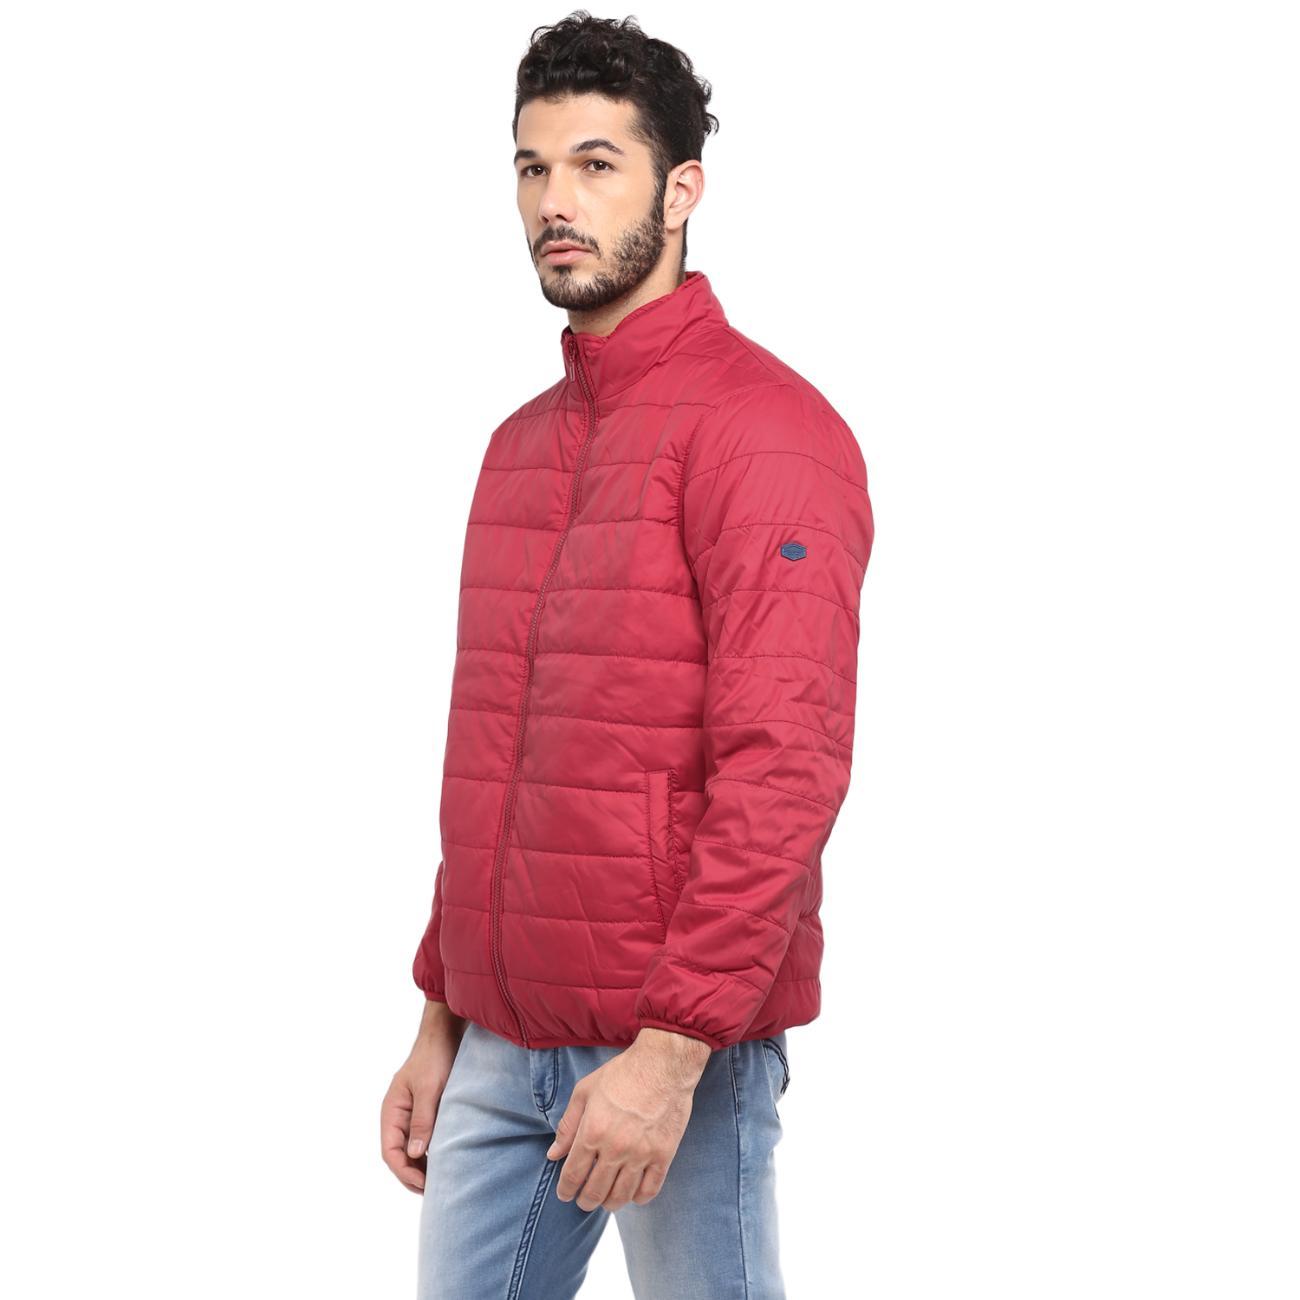 Shop Men's Red Jacket